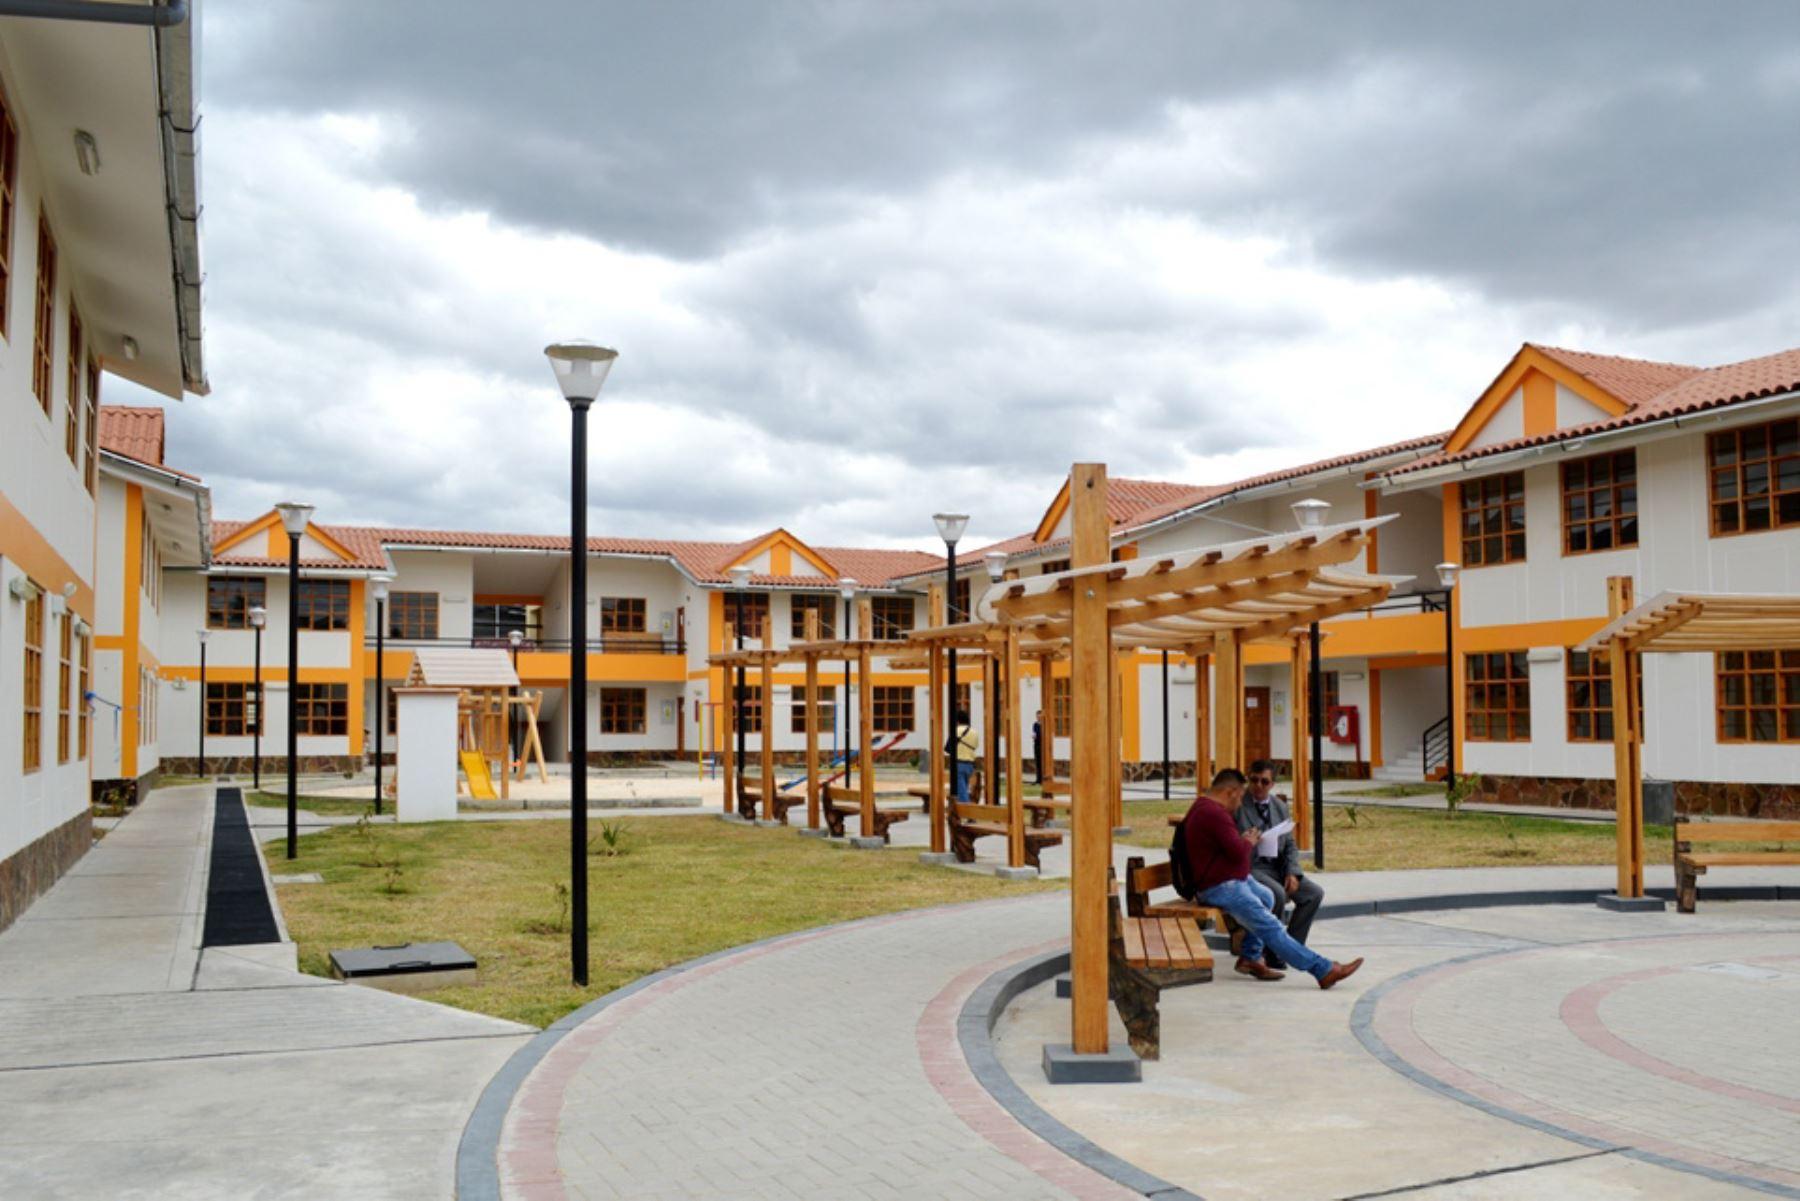 Después de 32 años de funcionamiento fue remozada la aldea infantil San Antonio de Cajamarca. Foto: ANDINA/Eduard Lozano